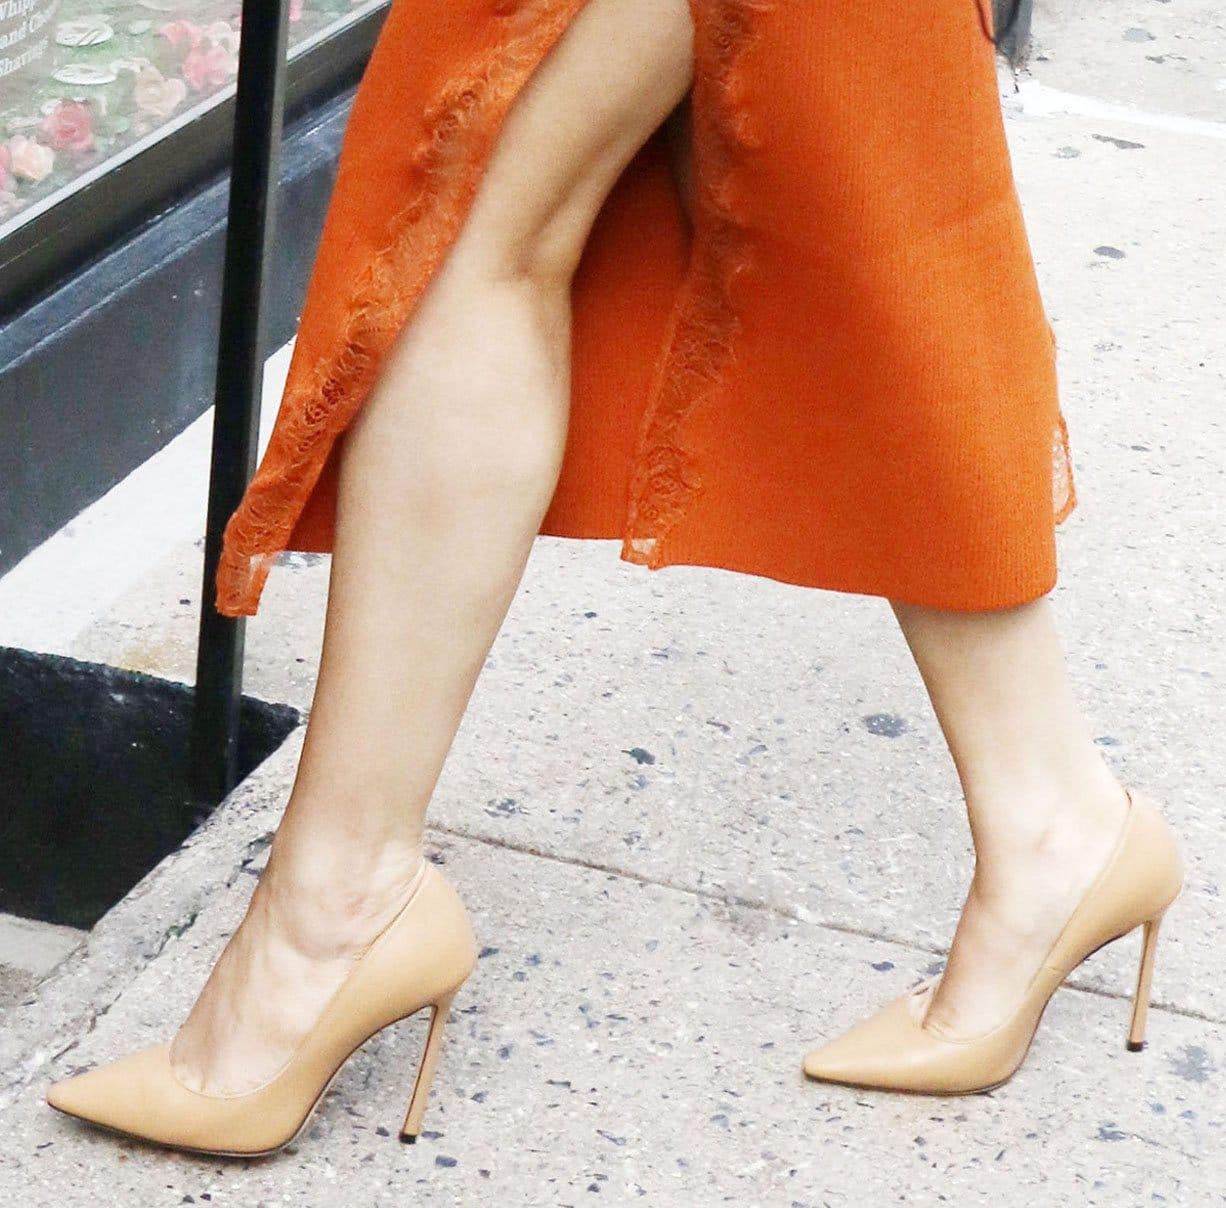 Selena Gomez teams her orange dress with Jimmy Choo Romy nude pumps